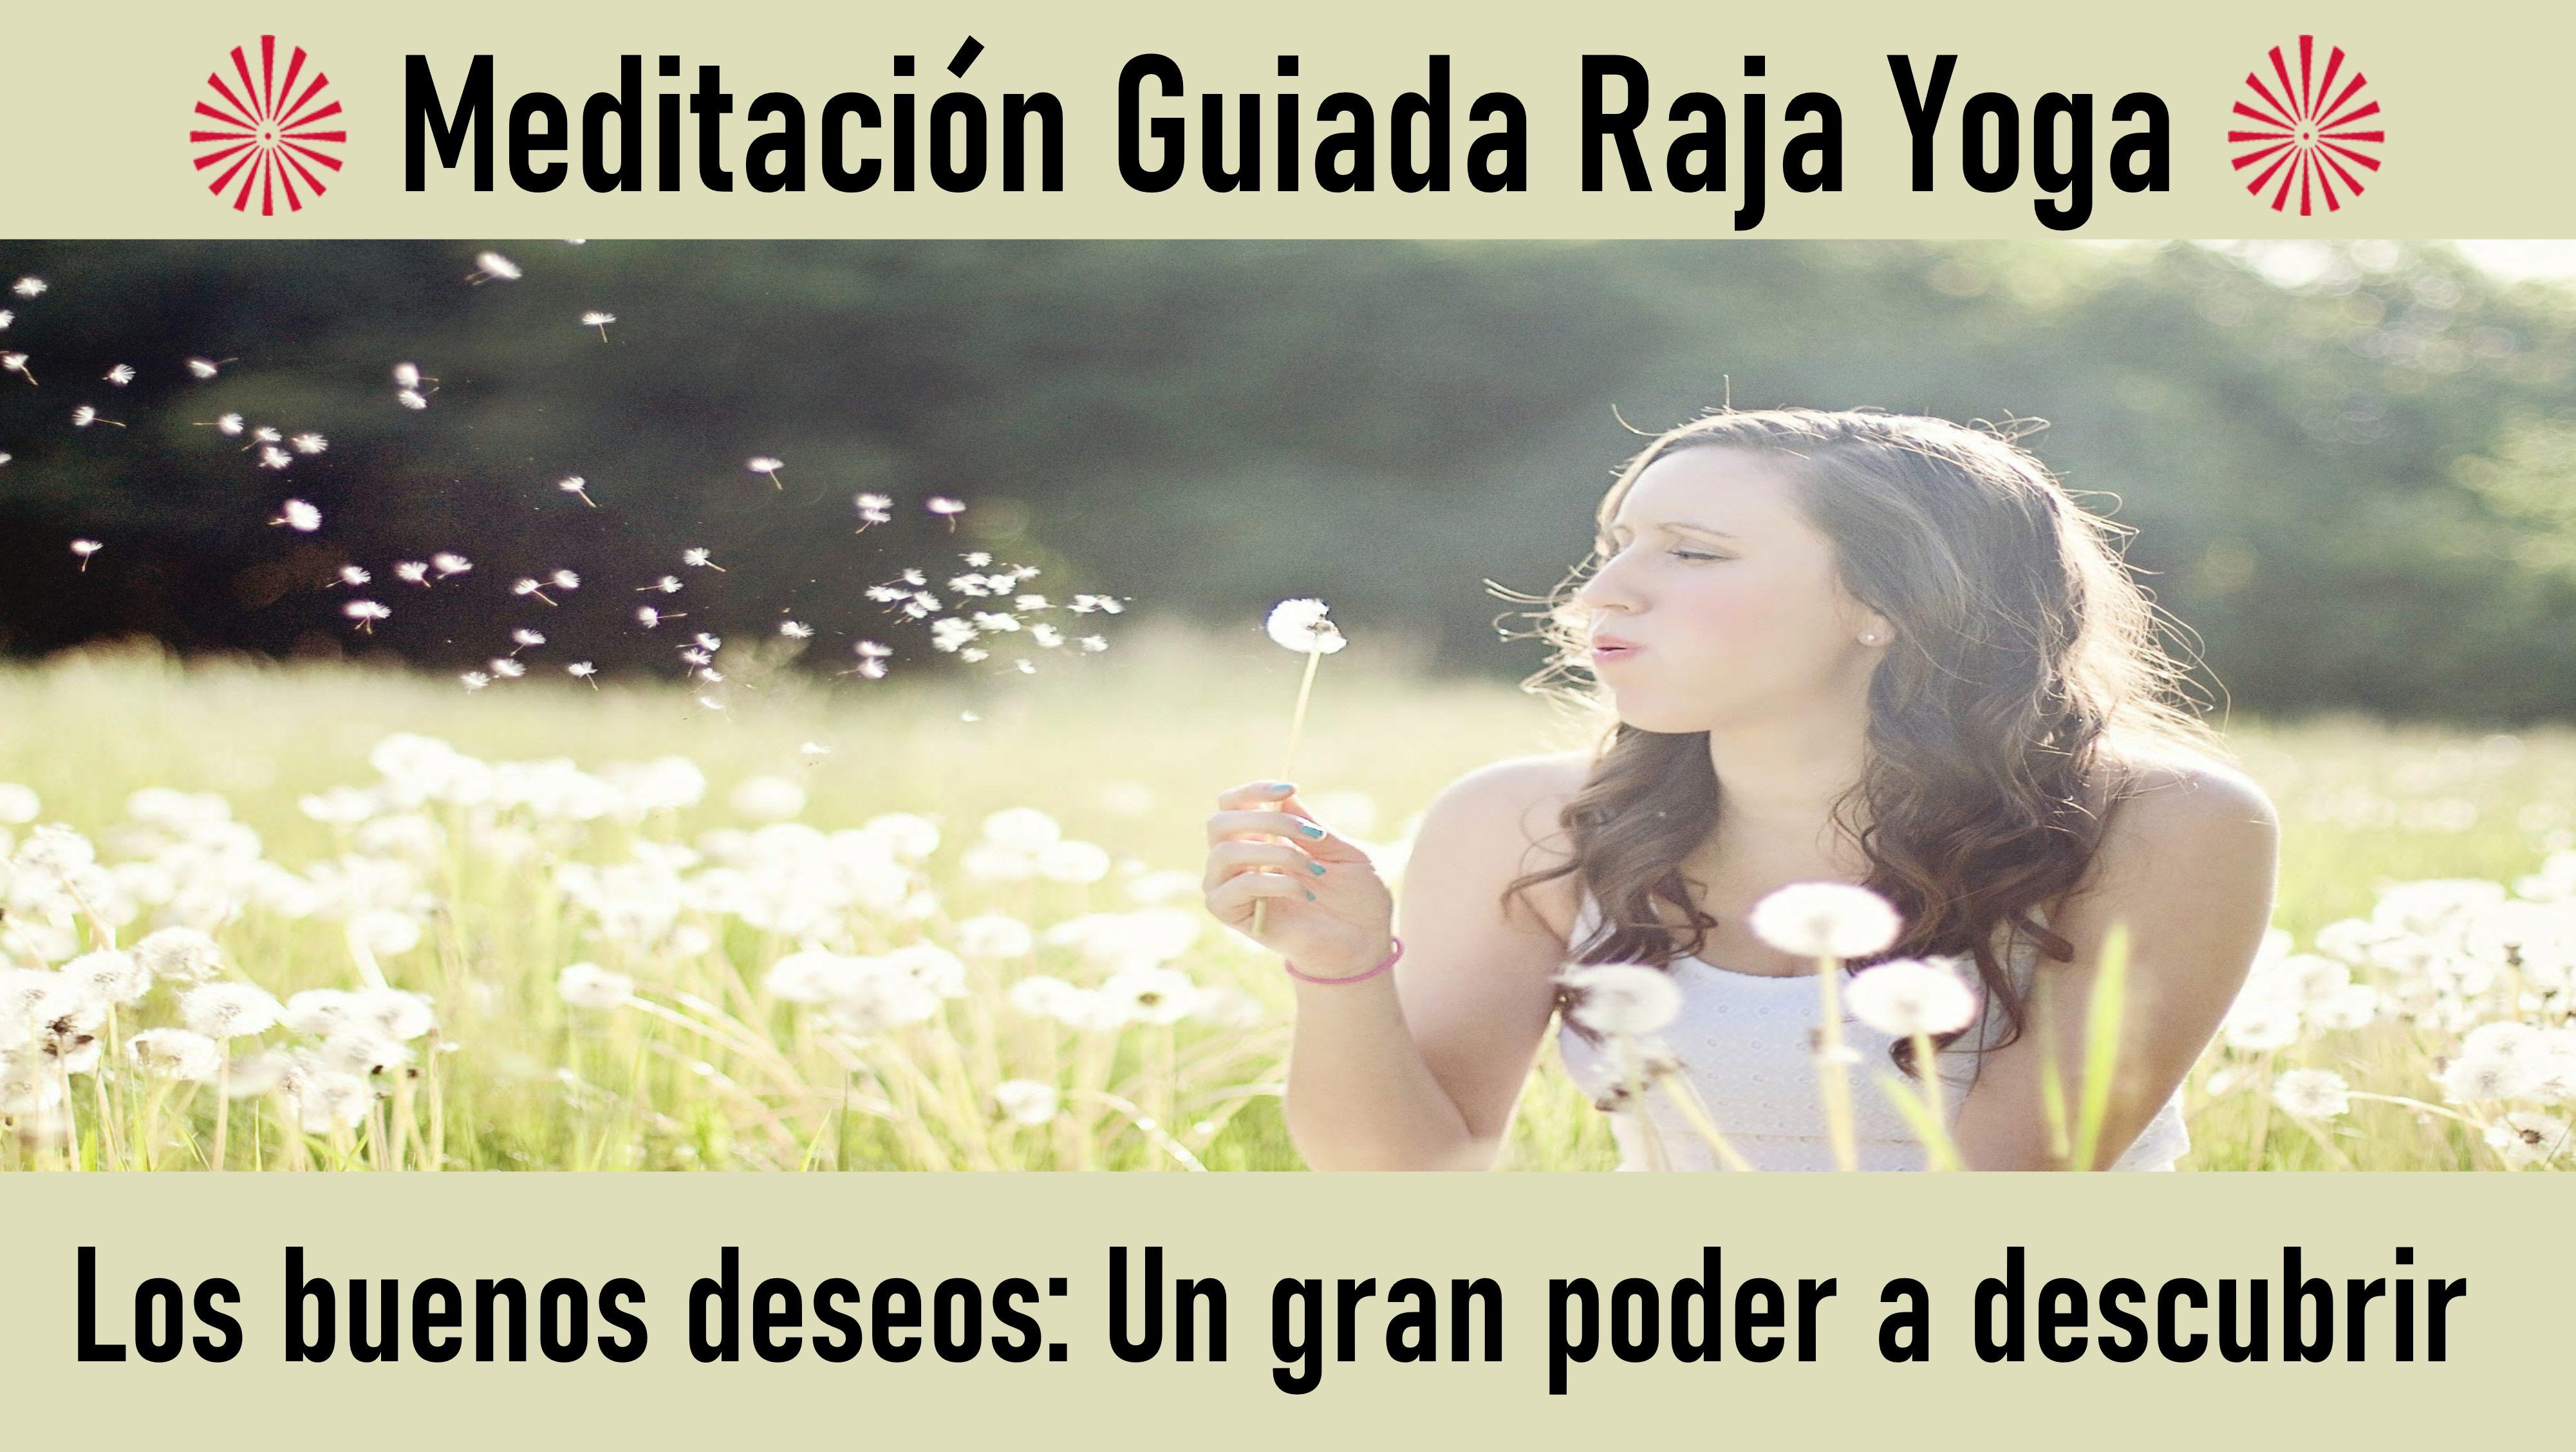 28 Junio 2020 Meditación Guiada: Los buenos deseos; Un gran poder a descubrir